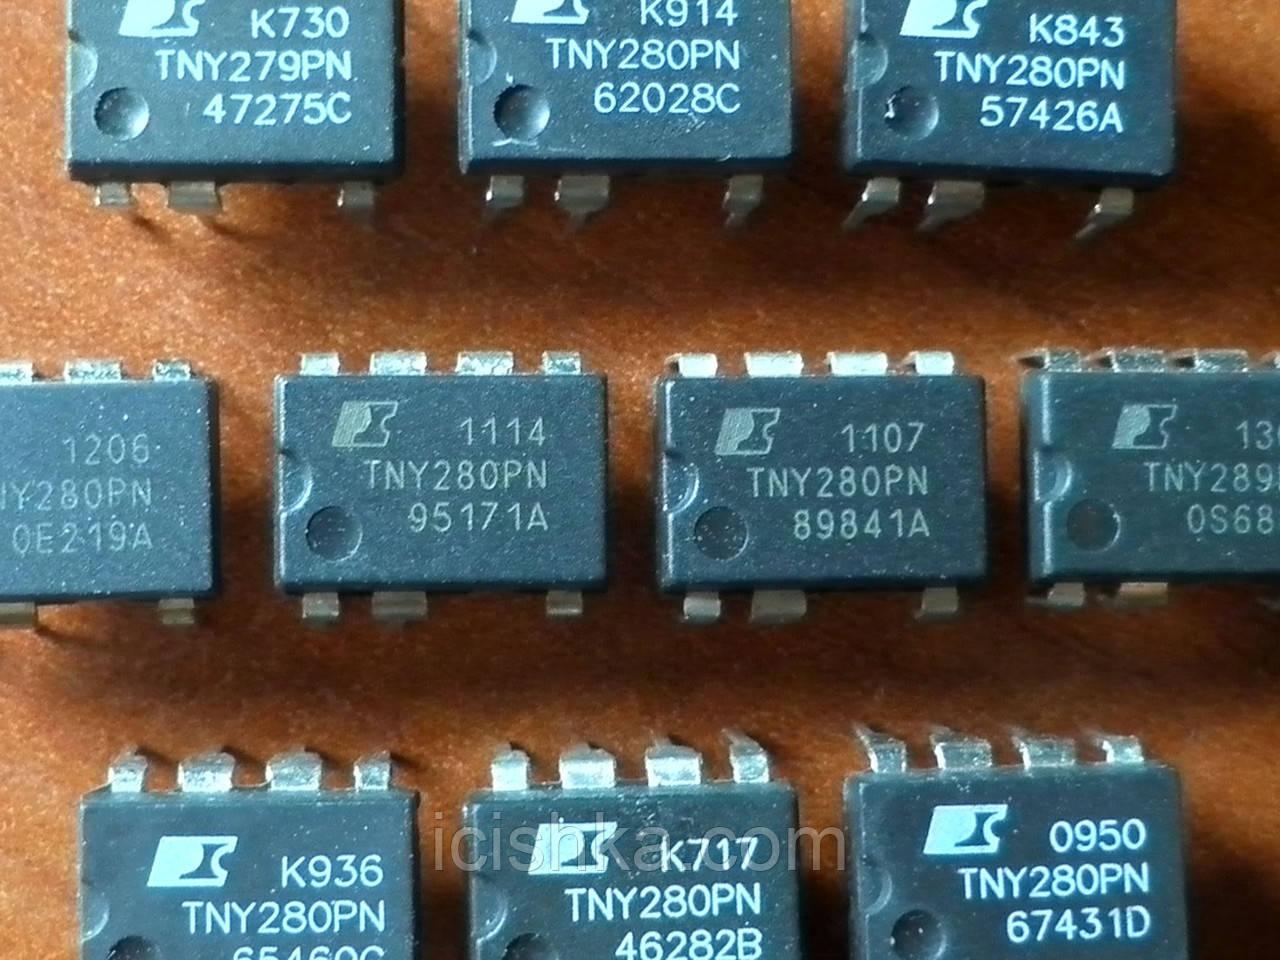 TNY280PN DIP7 - ШИМ контроллер для ИБП